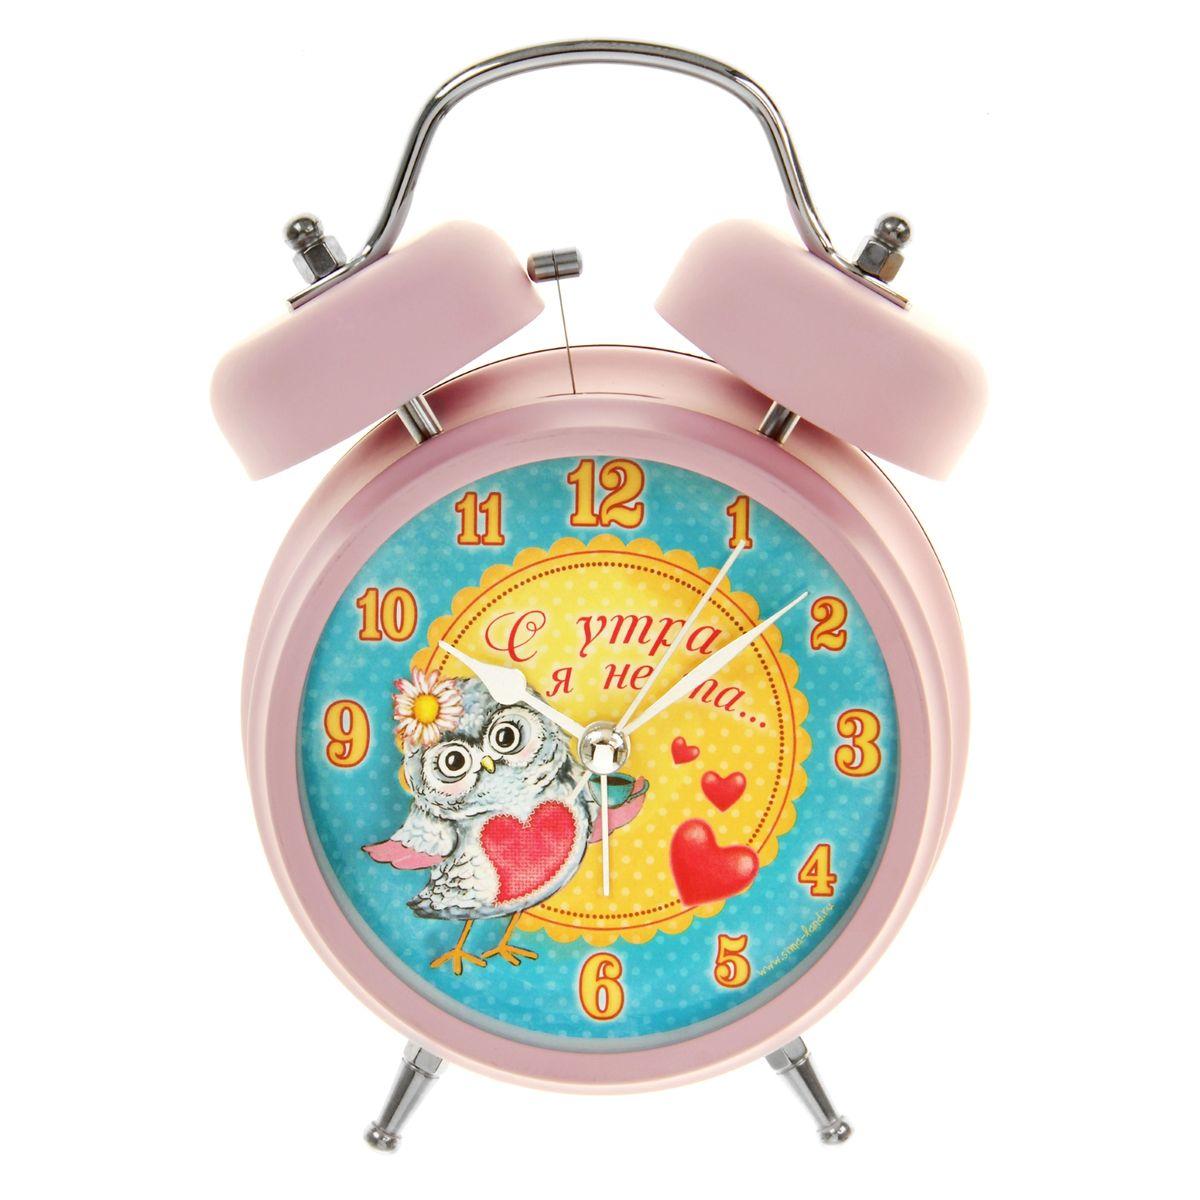 Часы-будильник Sima-land С утра я не та...839682Как же сложно иногда вставать вовремя! Всегда так хочется поспать еще хотя бы 5 минут и бывает, что мы просыпаем. Теперь этого не случится! Яркий, оригинальный будильник Sima-land С утра я не та... поможет вам всегда вставать в нужное время и успевать везде и всюду. Корпус будильника выполнен из металла. Циферблат оформлен изображением совы и надписью: С утра я не та..., имеет индикацию арабскими цифрами. Часы снабжены 4 стрелками (секундная, минутная, часовая и для будильника). На задней панели будильника расположен переключатель включения/выключения механизма, а также два колесика для настройки текущего времени и времени звонка будильника. Пользоваться будильником очень легко: нужно всего лишь поставить батарейки, настроить точное время и установить время звонка. Необходимо докупить 2 батарейки типа АА напряжением 1,5V (не входят в комплект).